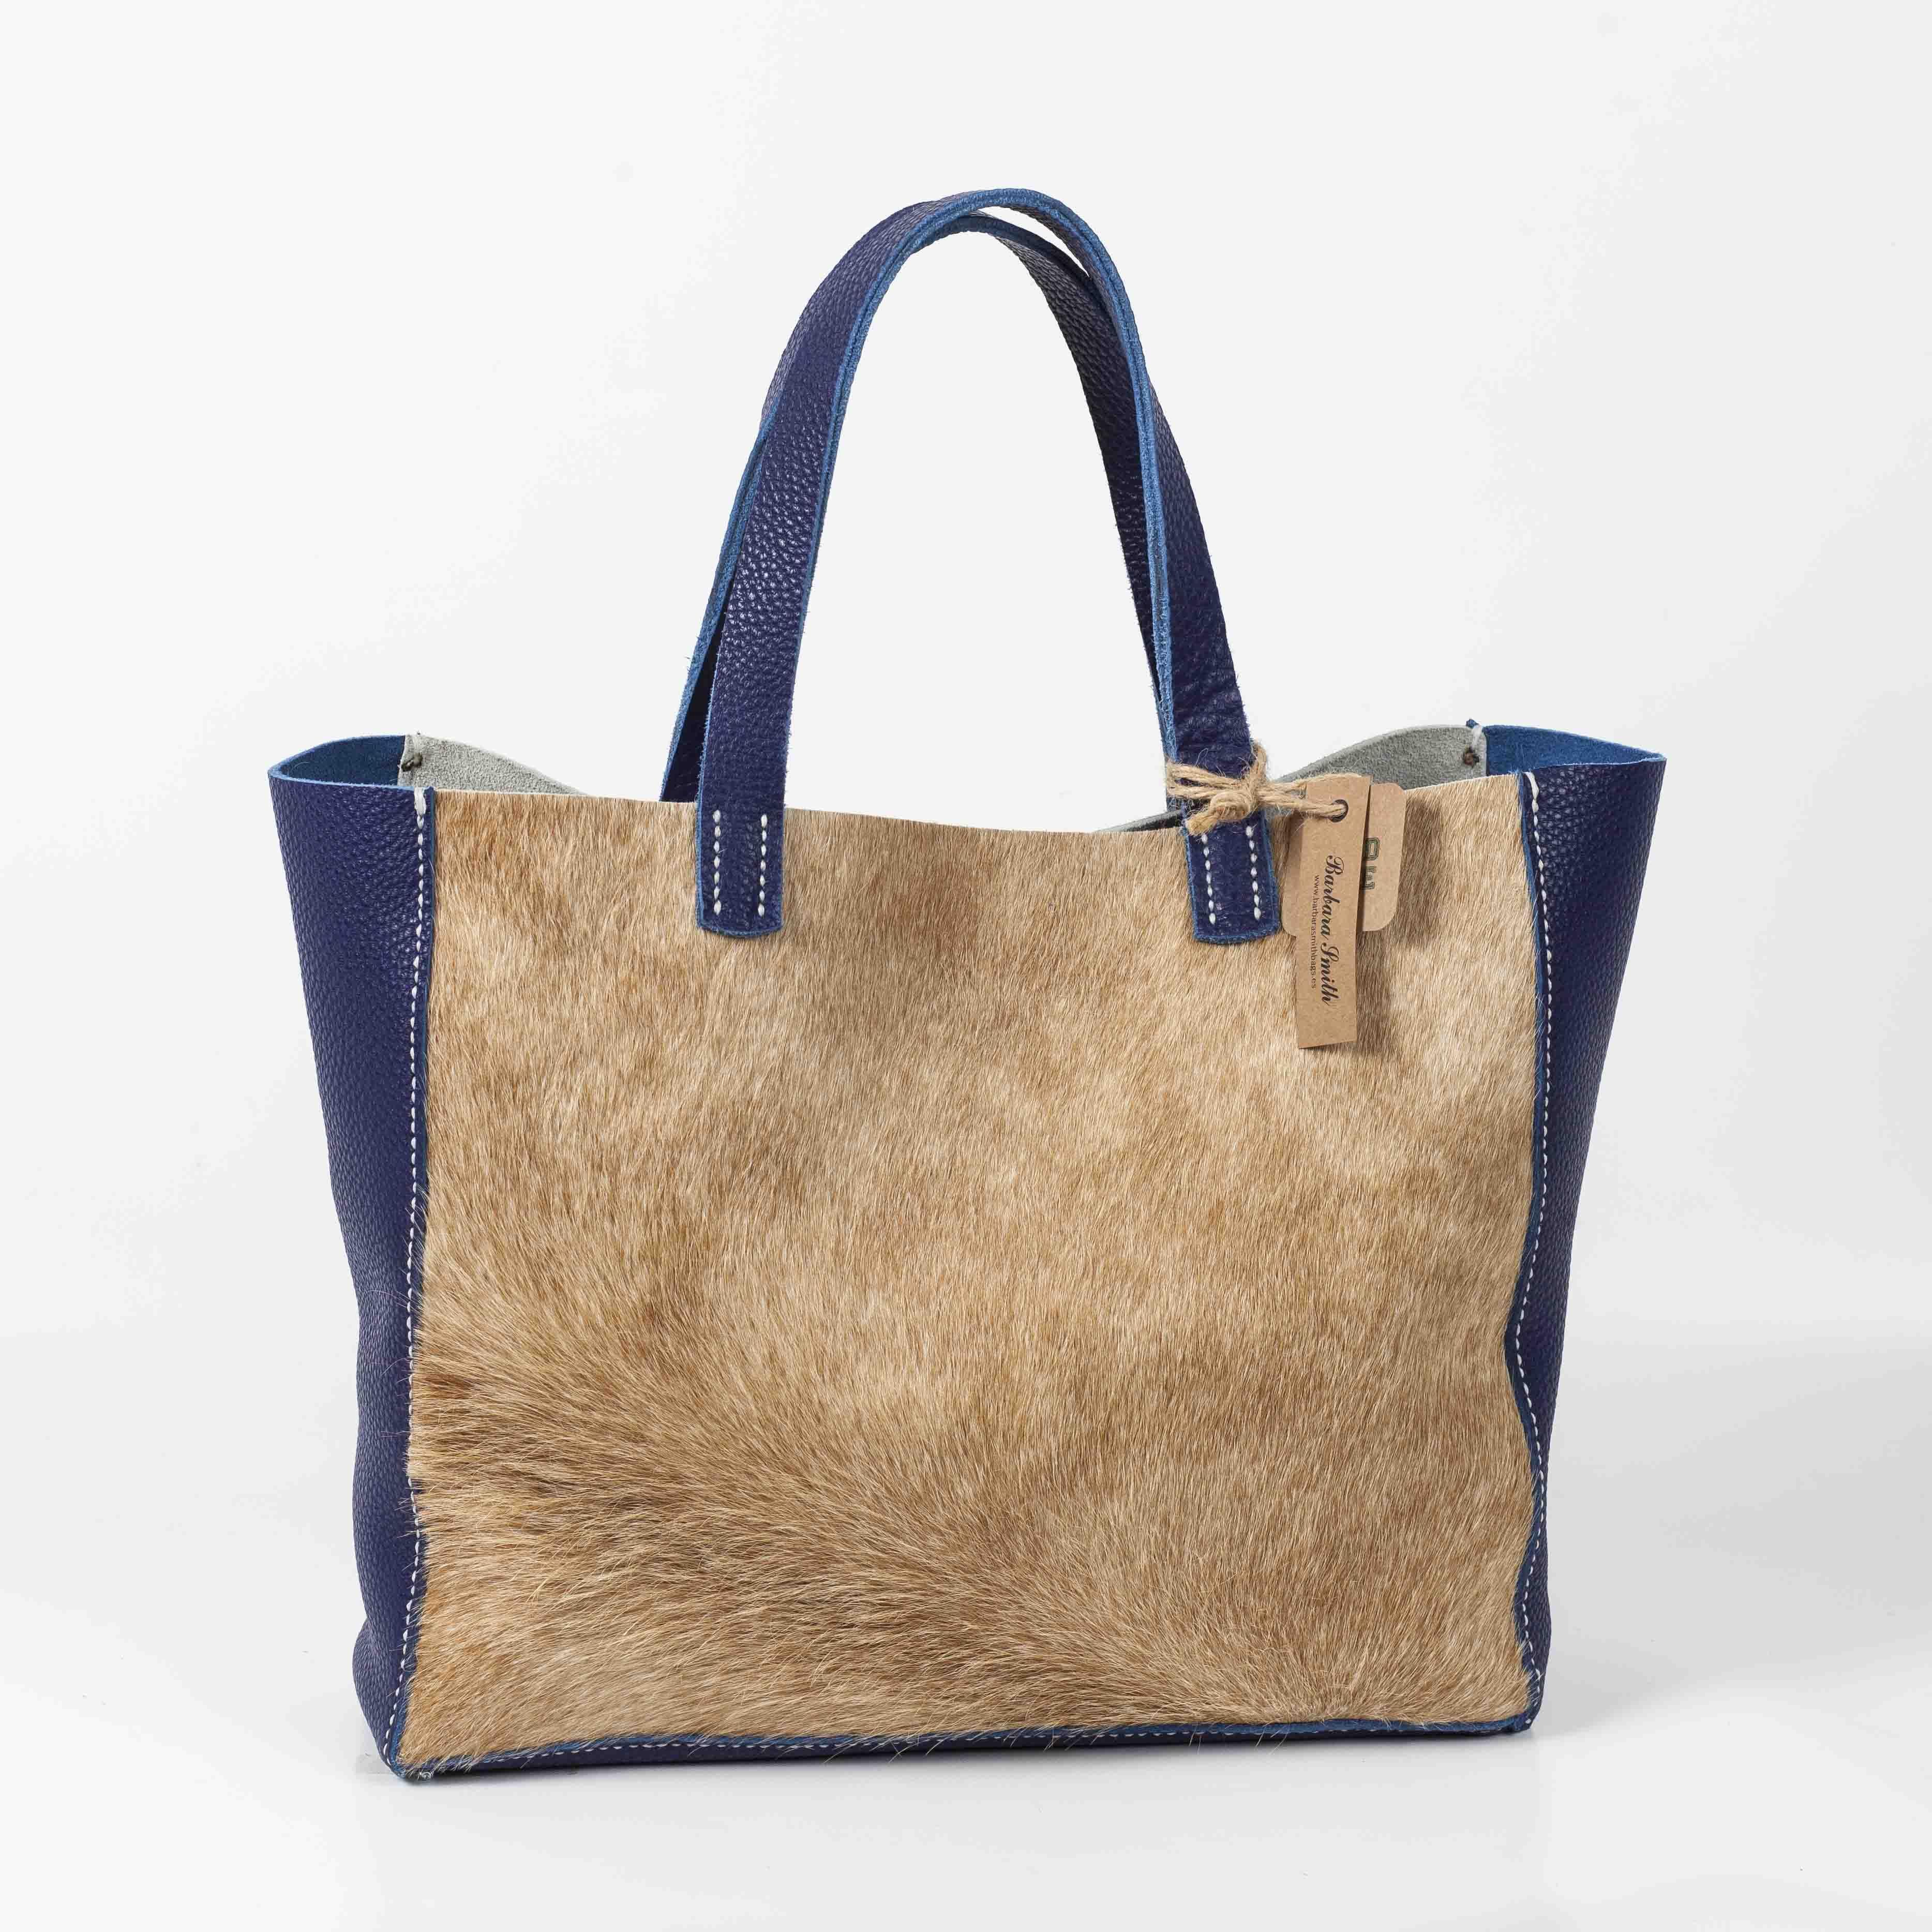 b5d7e418a Bolso de cuero y pelo de vaca artesanal. Hecho a mano. Handmade leather bag  Más